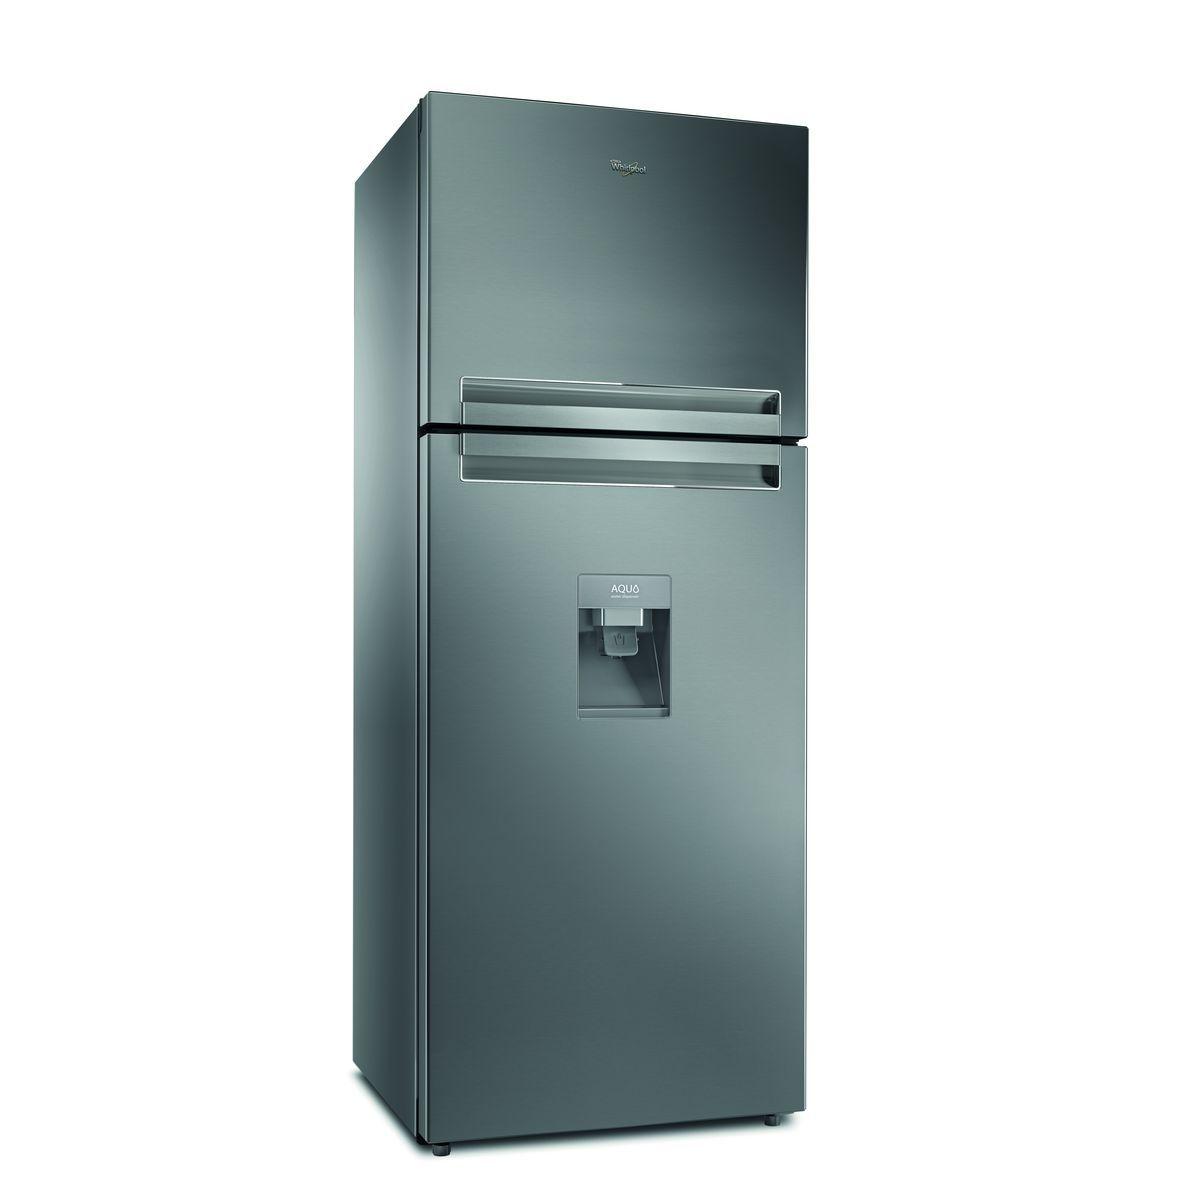 Réfrigérateur 2 portes TTNF8111OXAQUA1, 421 L, Froid no frost